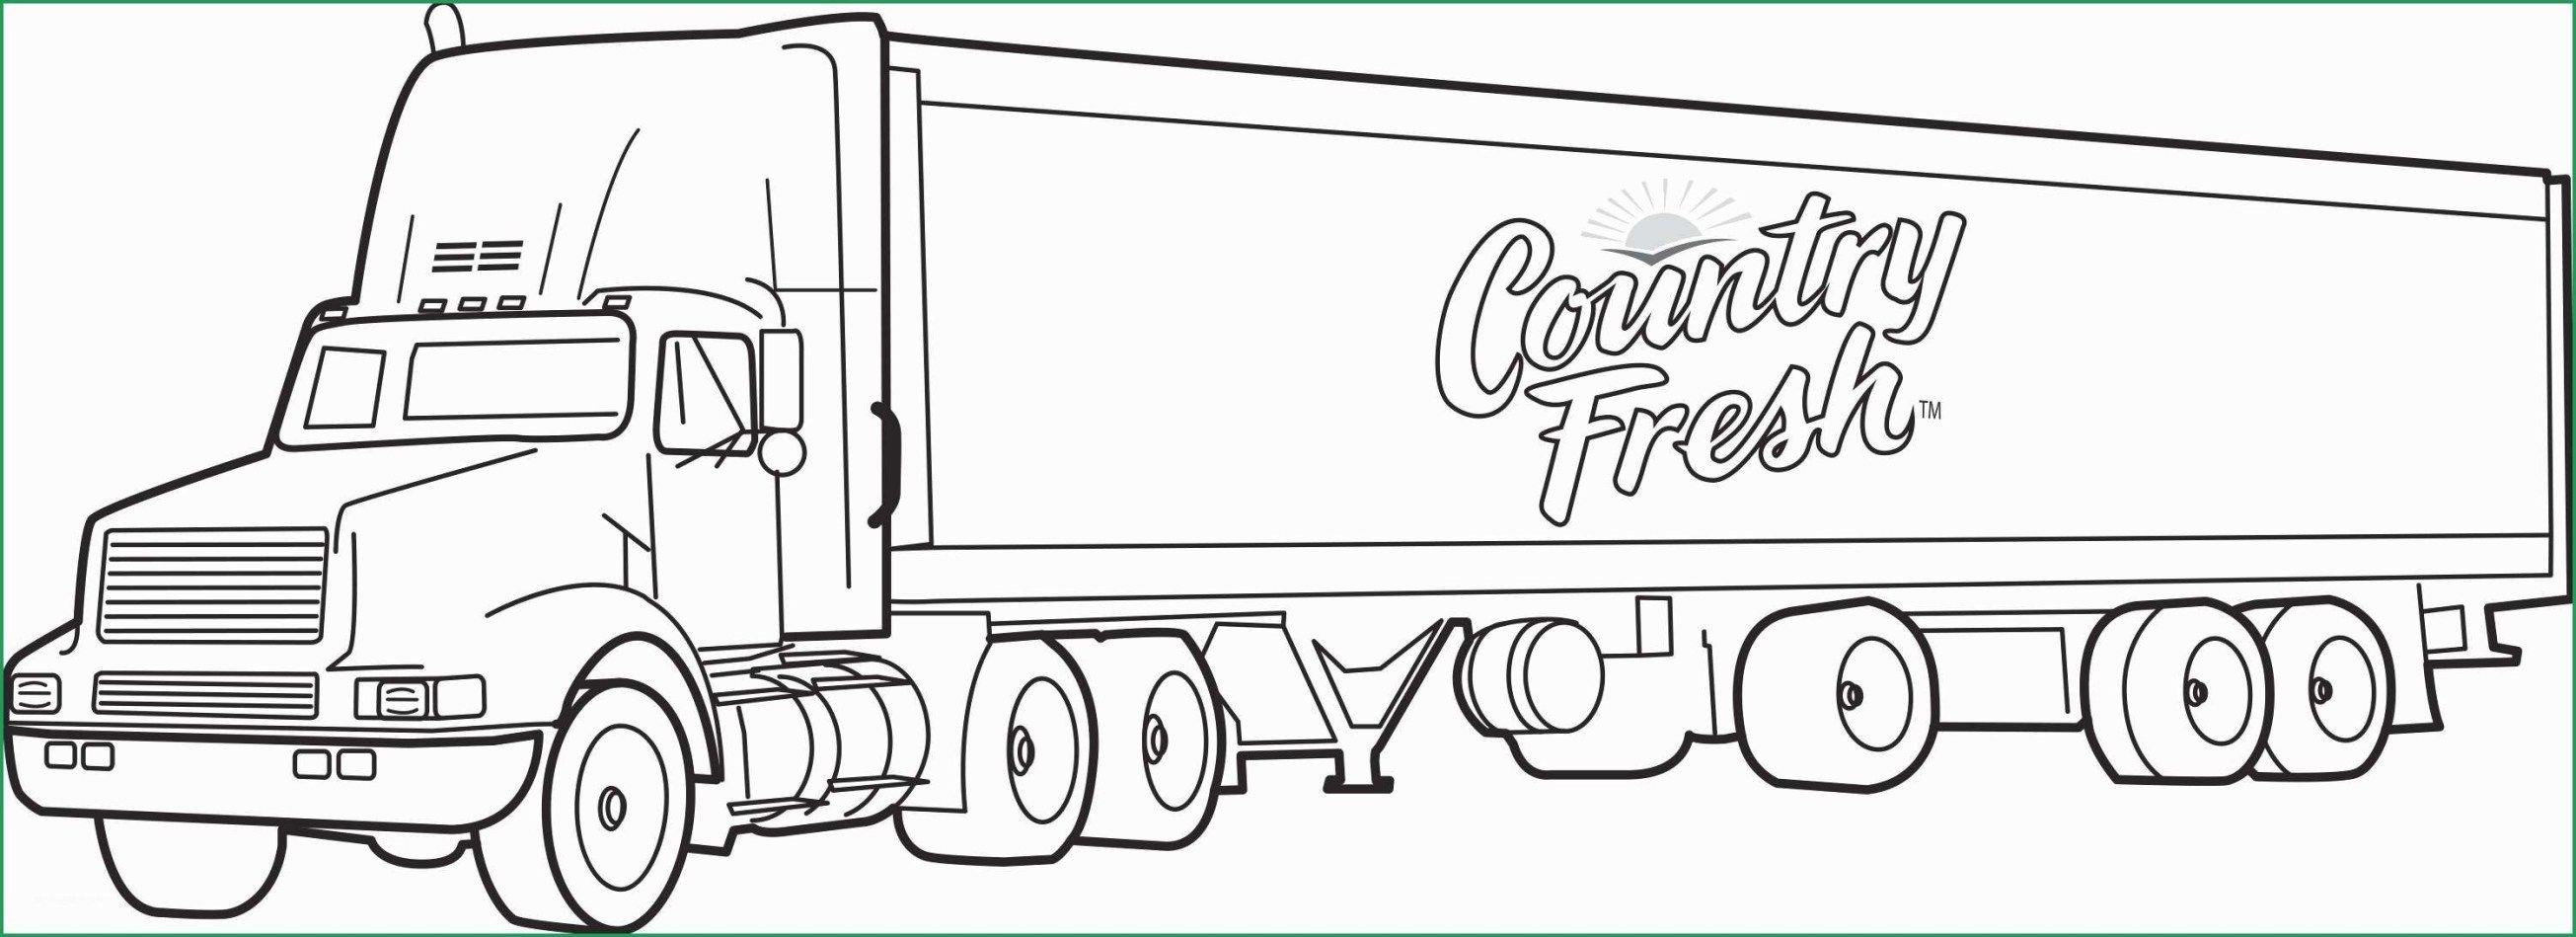 Semi Truck Coloring Pages Truck Coloring Pages New Semi Truck